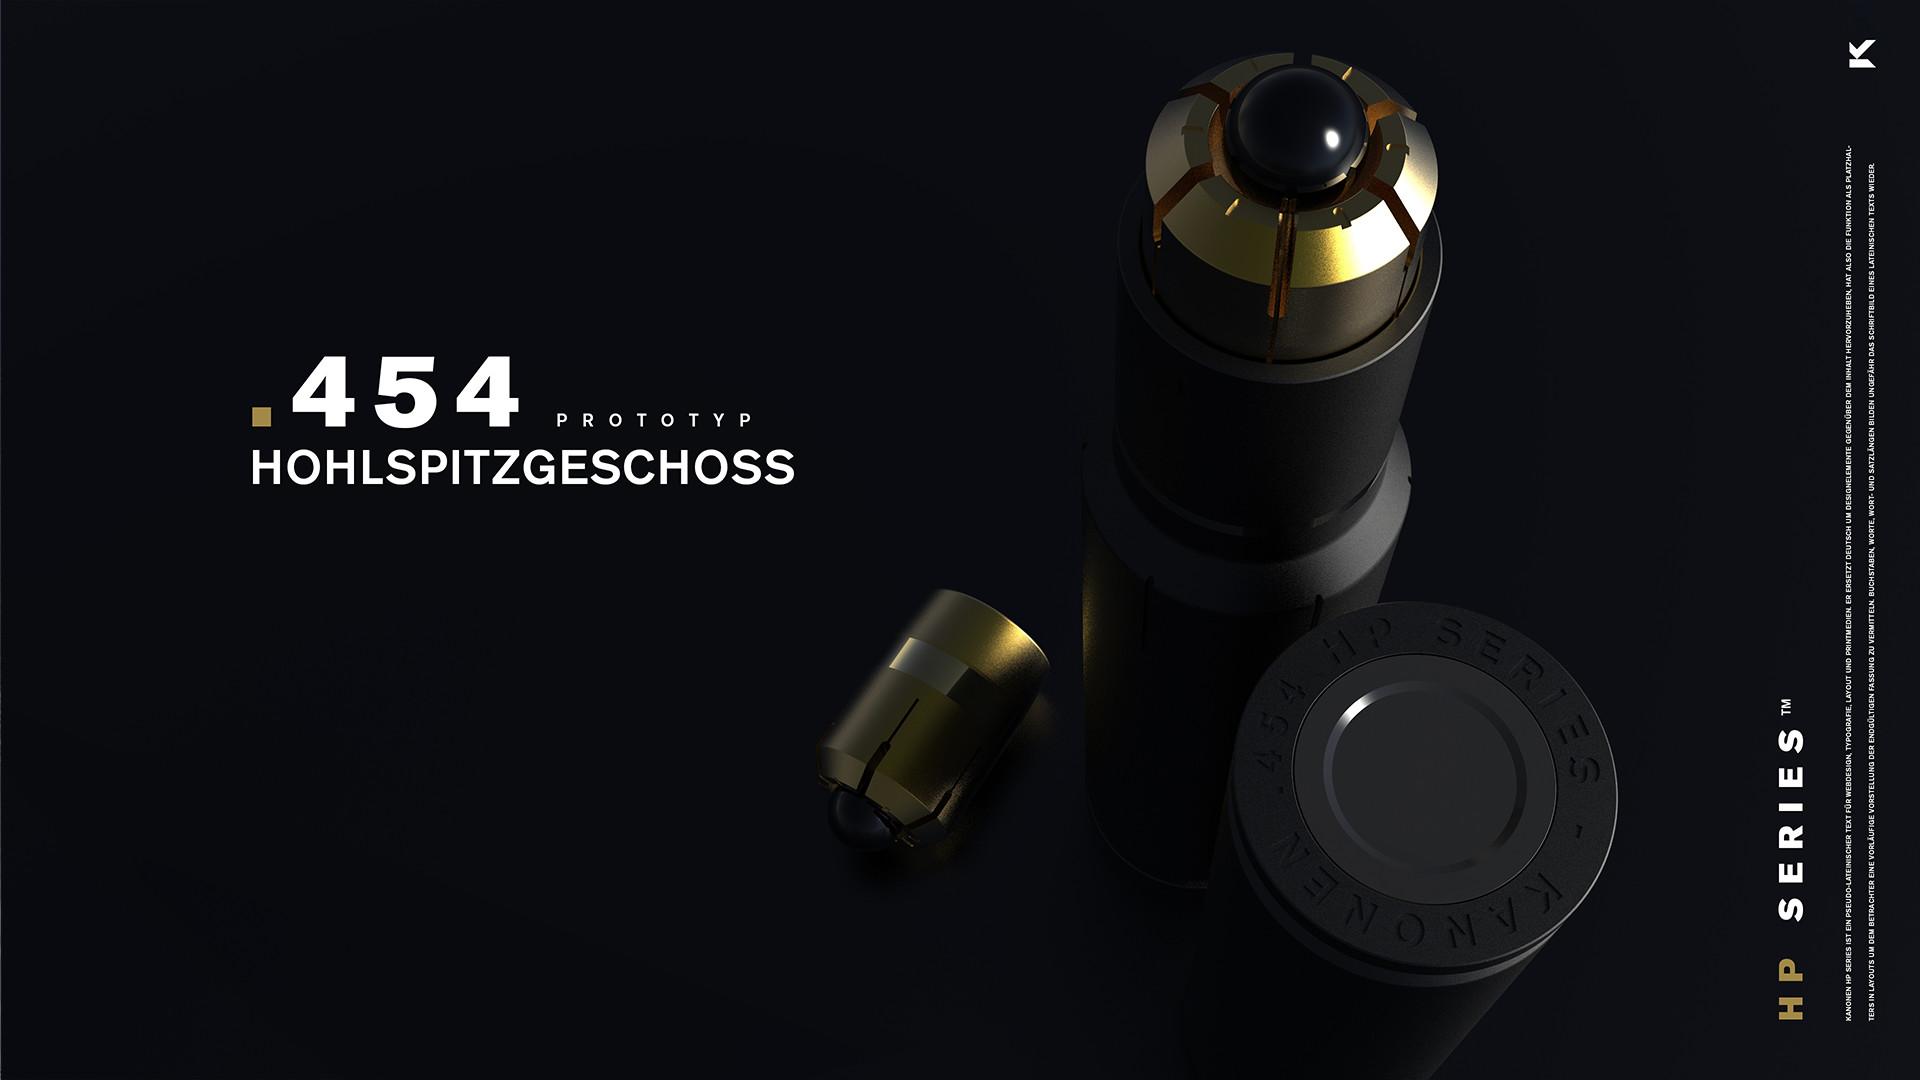 Andre lang huynh ammo3